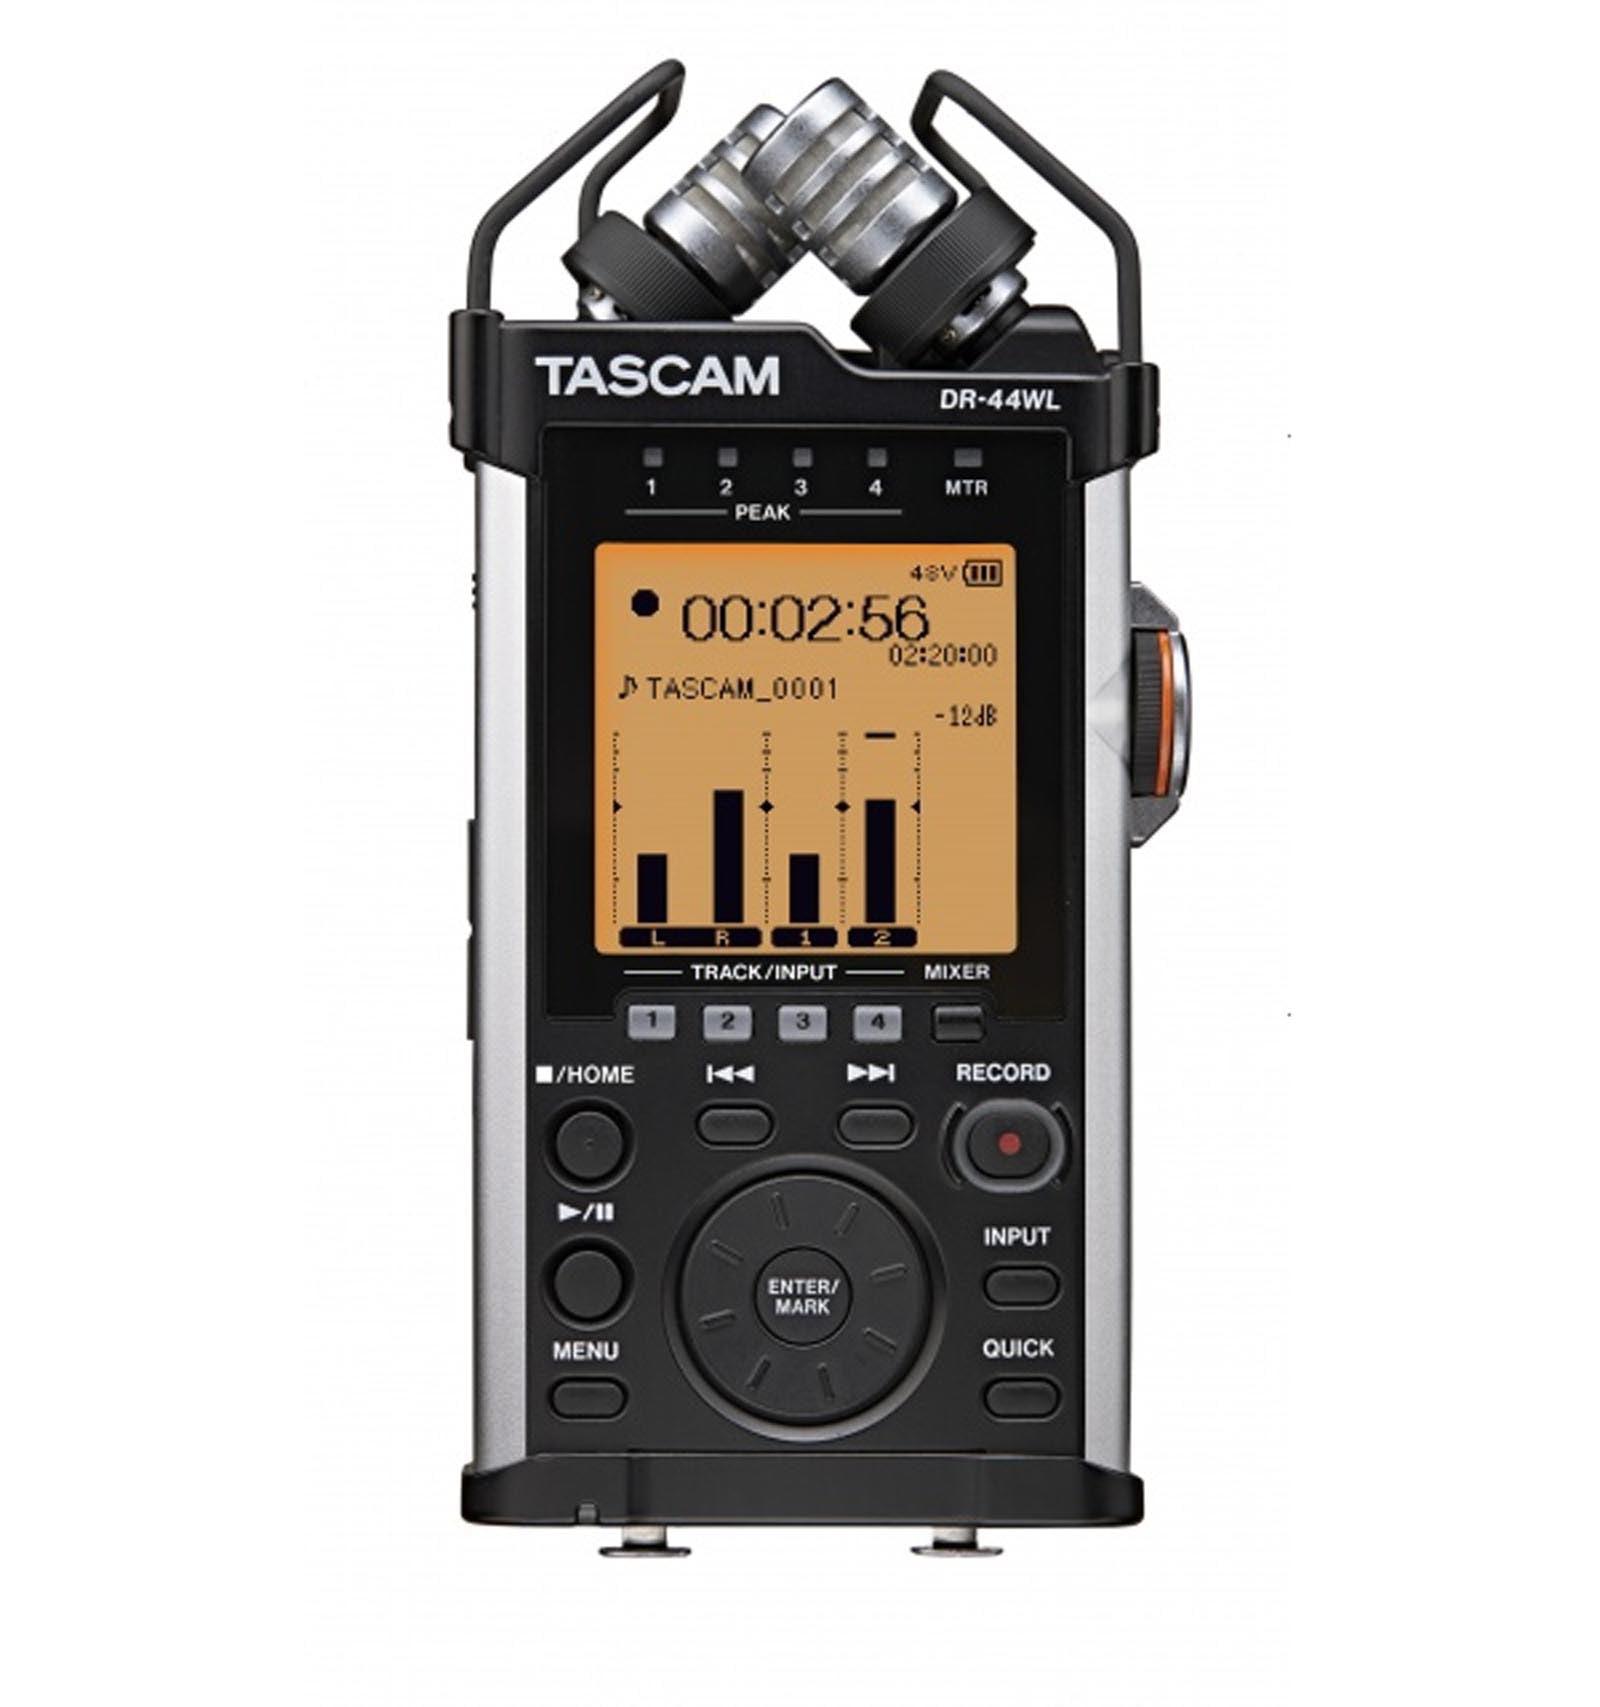 TASCAM DR-44WL 4-Ch Handheld Portable Linear PCM Audio Re...